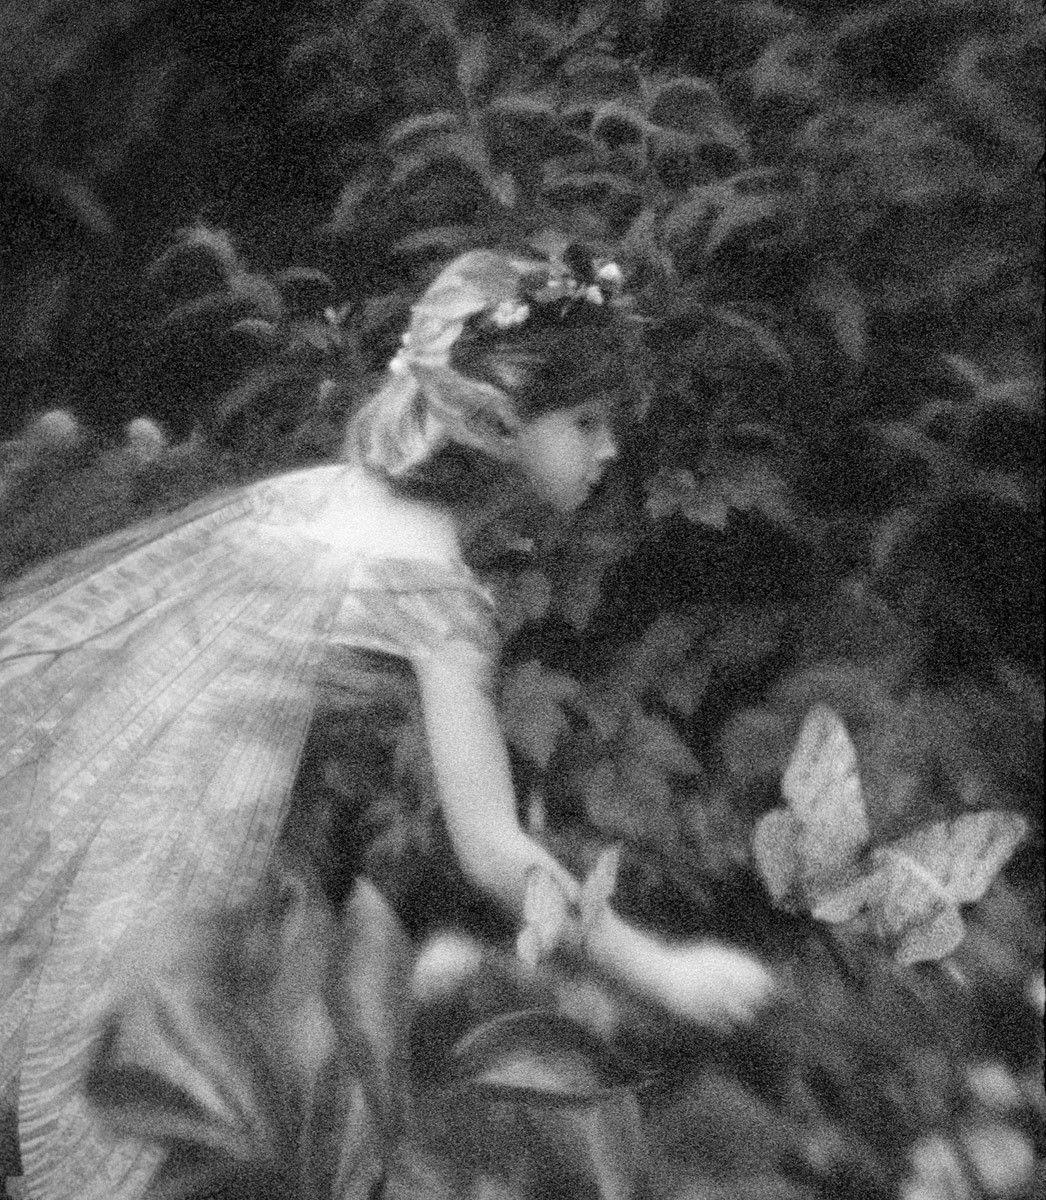 1r112_chasing_butterfly.jpg